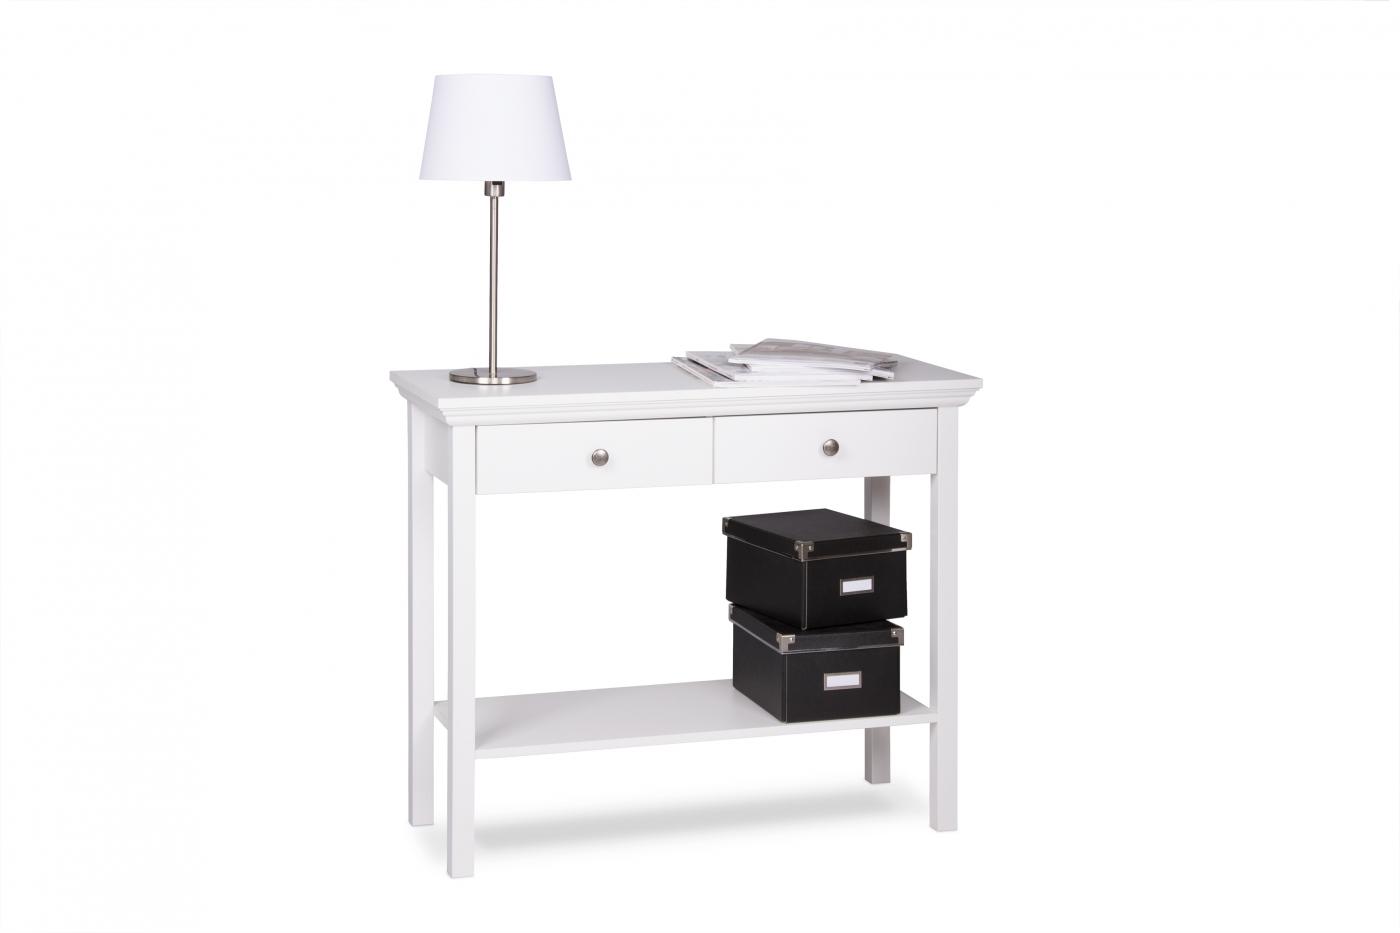 Konzolový stolek Fido, 90 cm, bílá